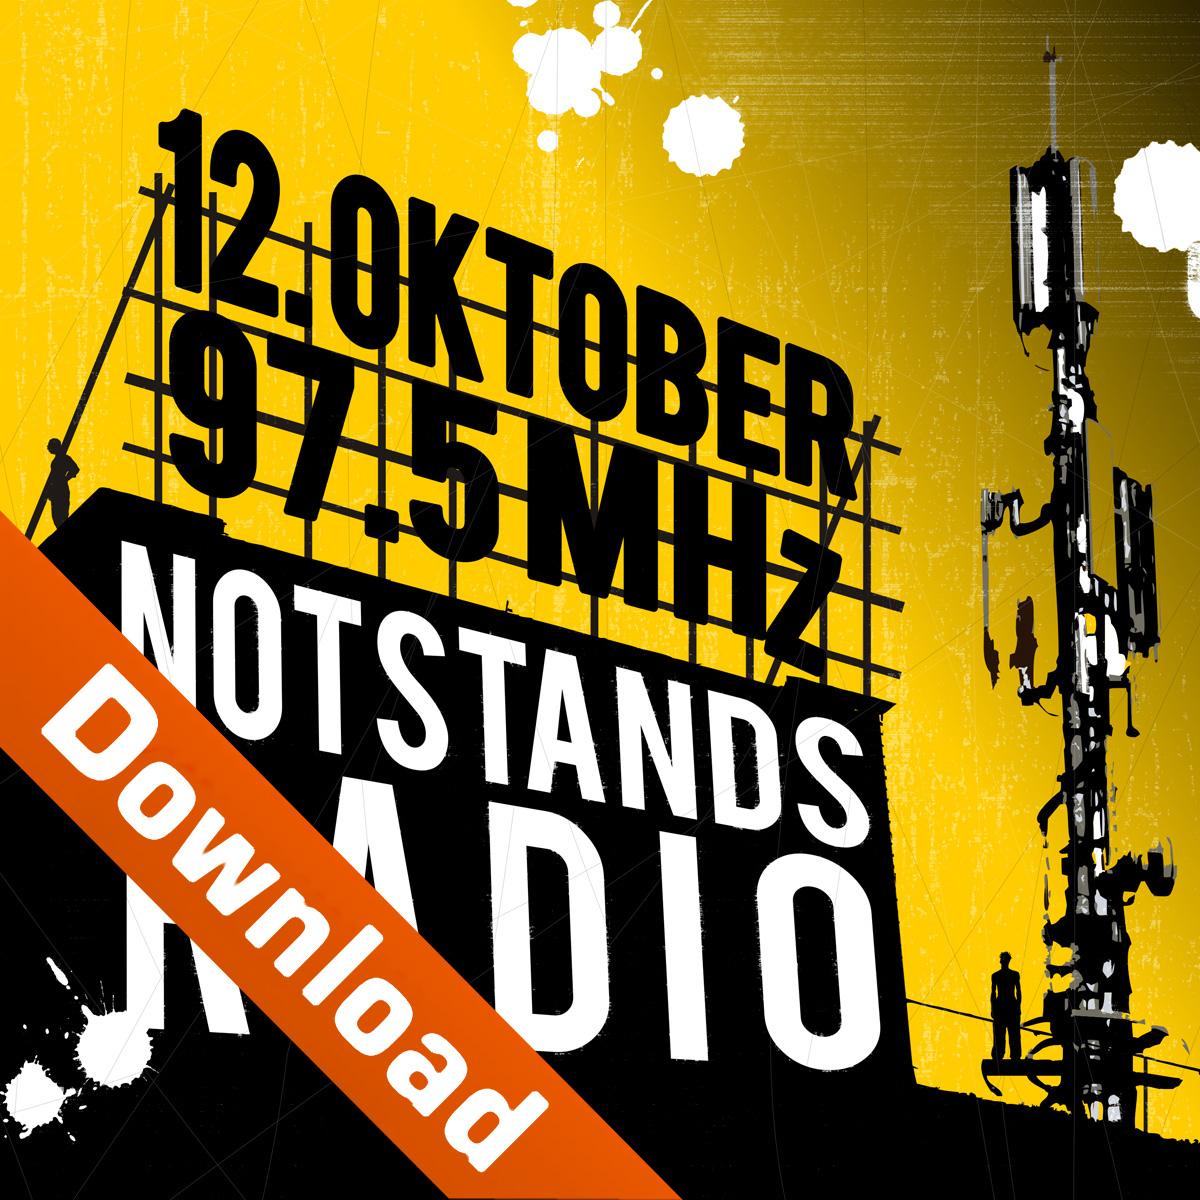 Güldin & Notstandsradio-Team – Notstand (Download)